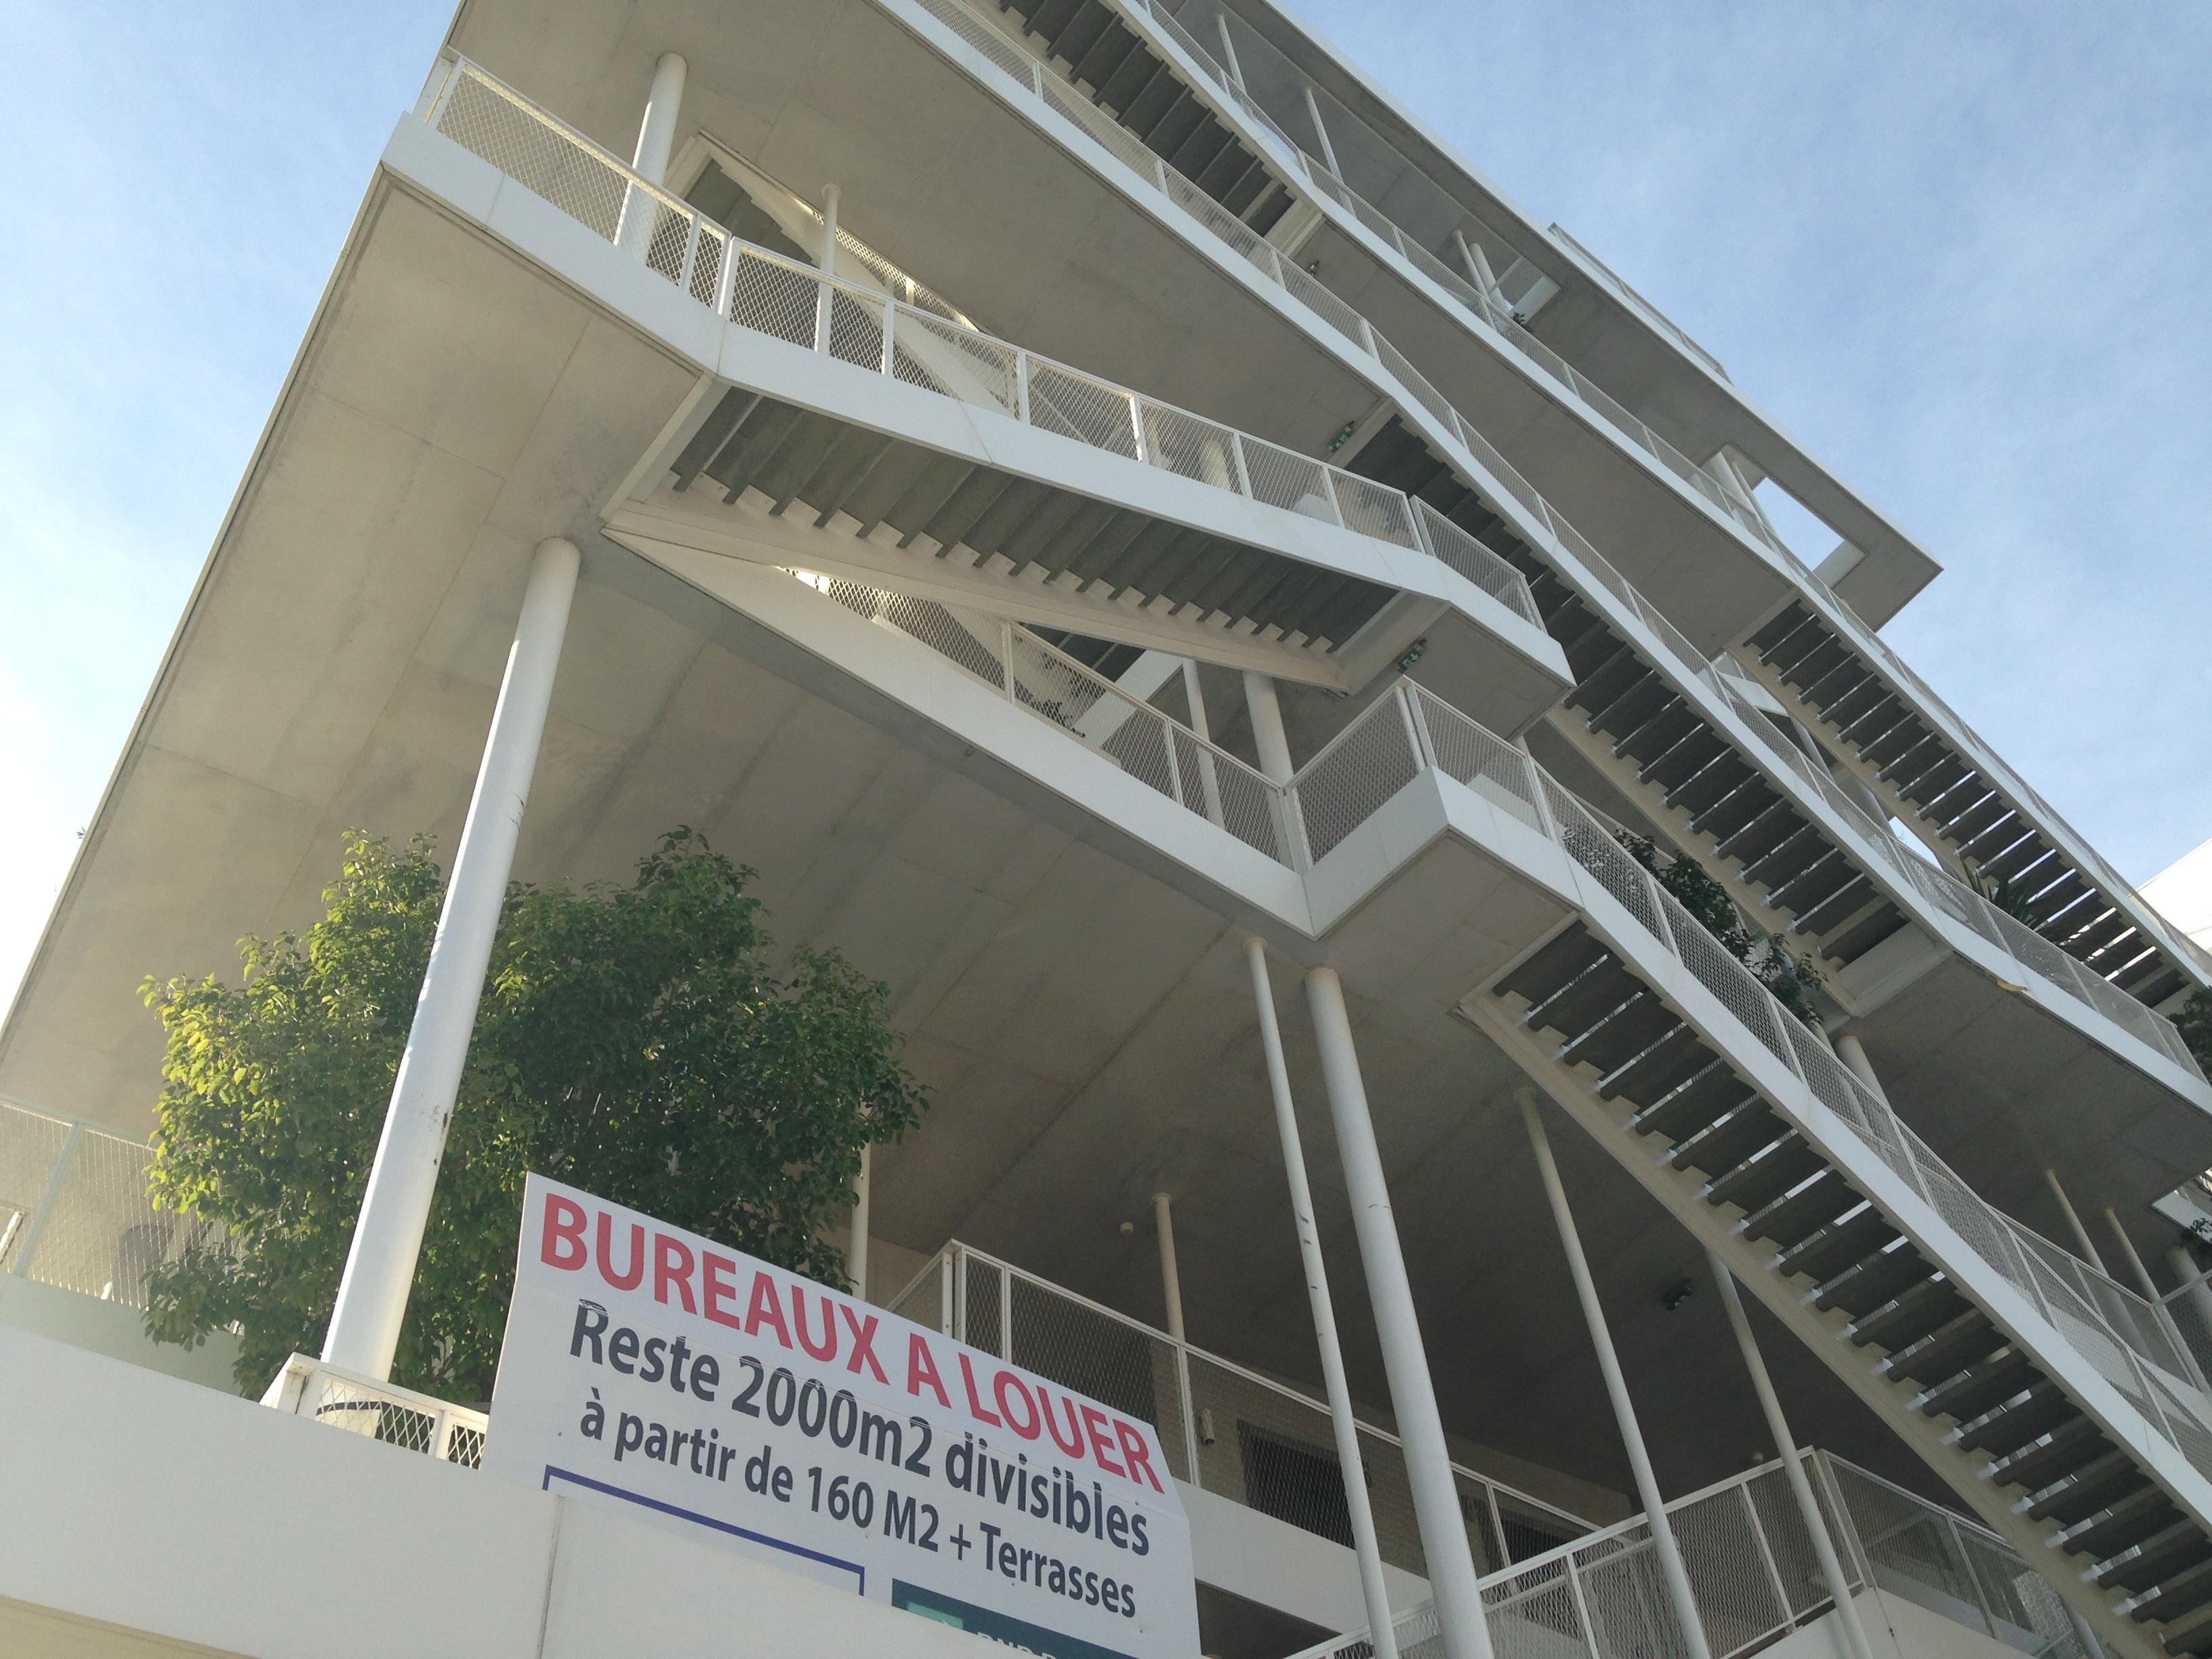 Bureaux-à-louer-2000m²-Immeuble-Anis-20200210